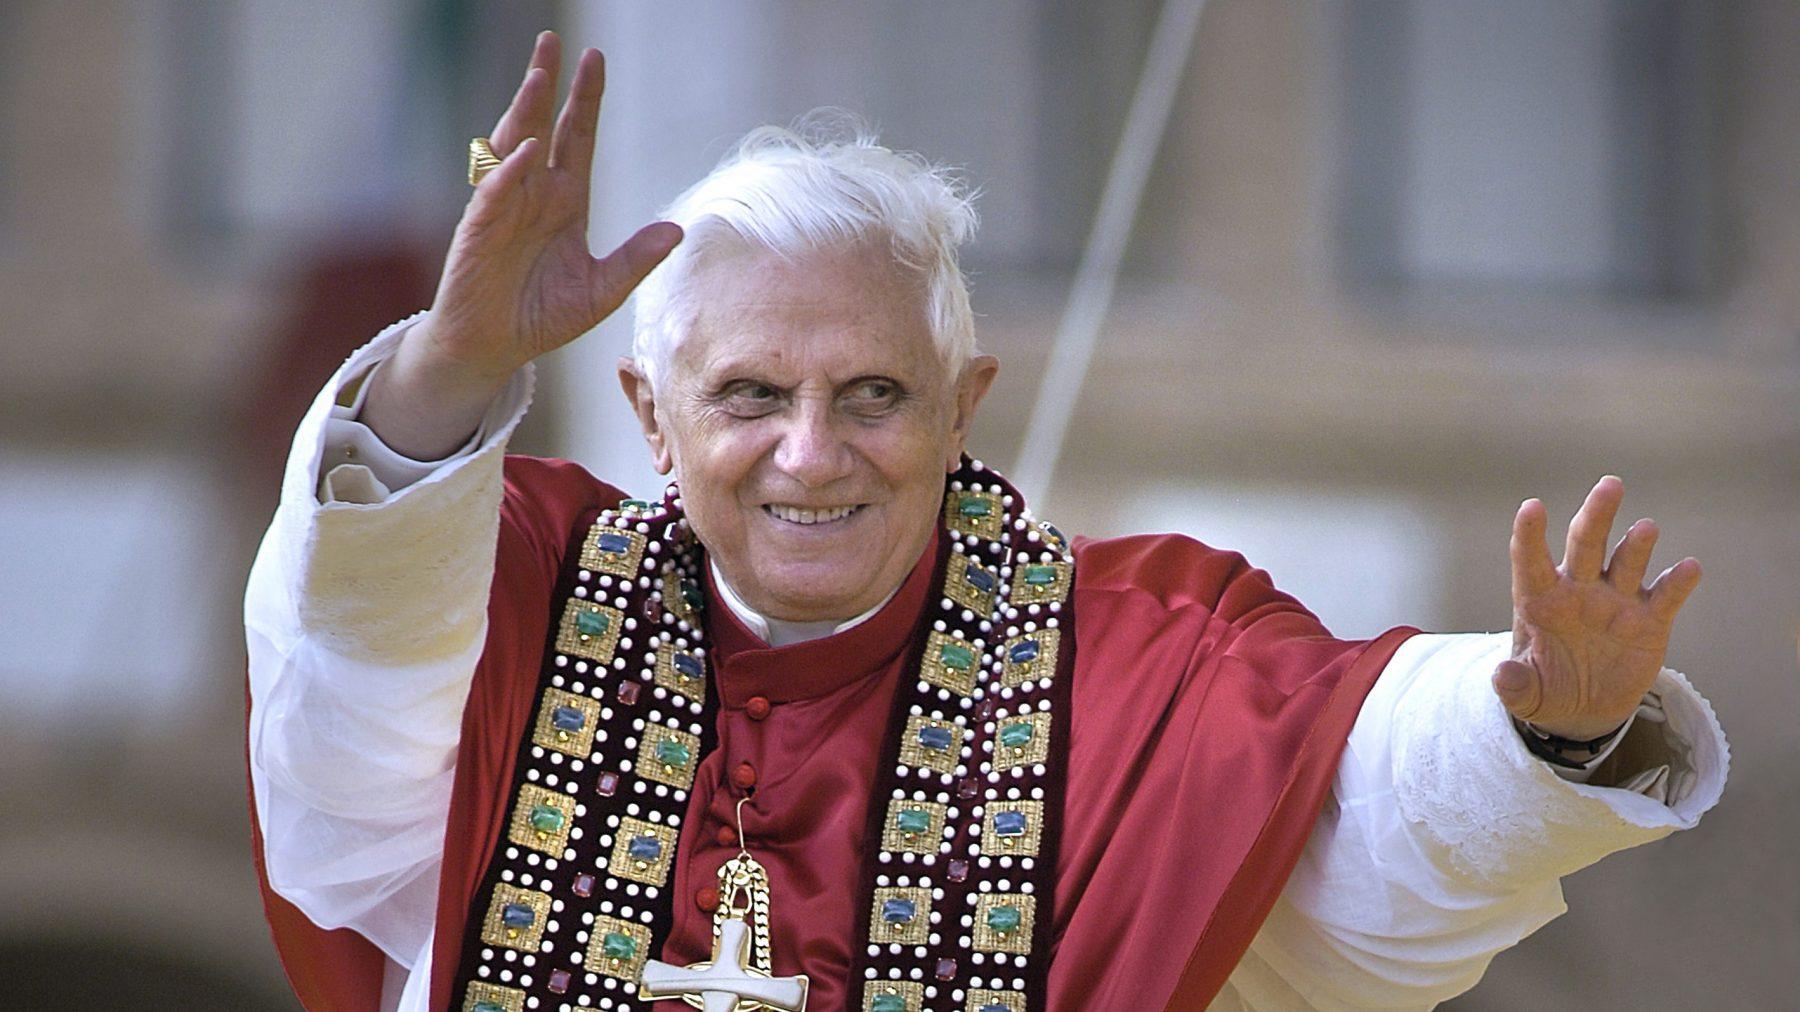 Paus Benedictus XVI ernstig ziek